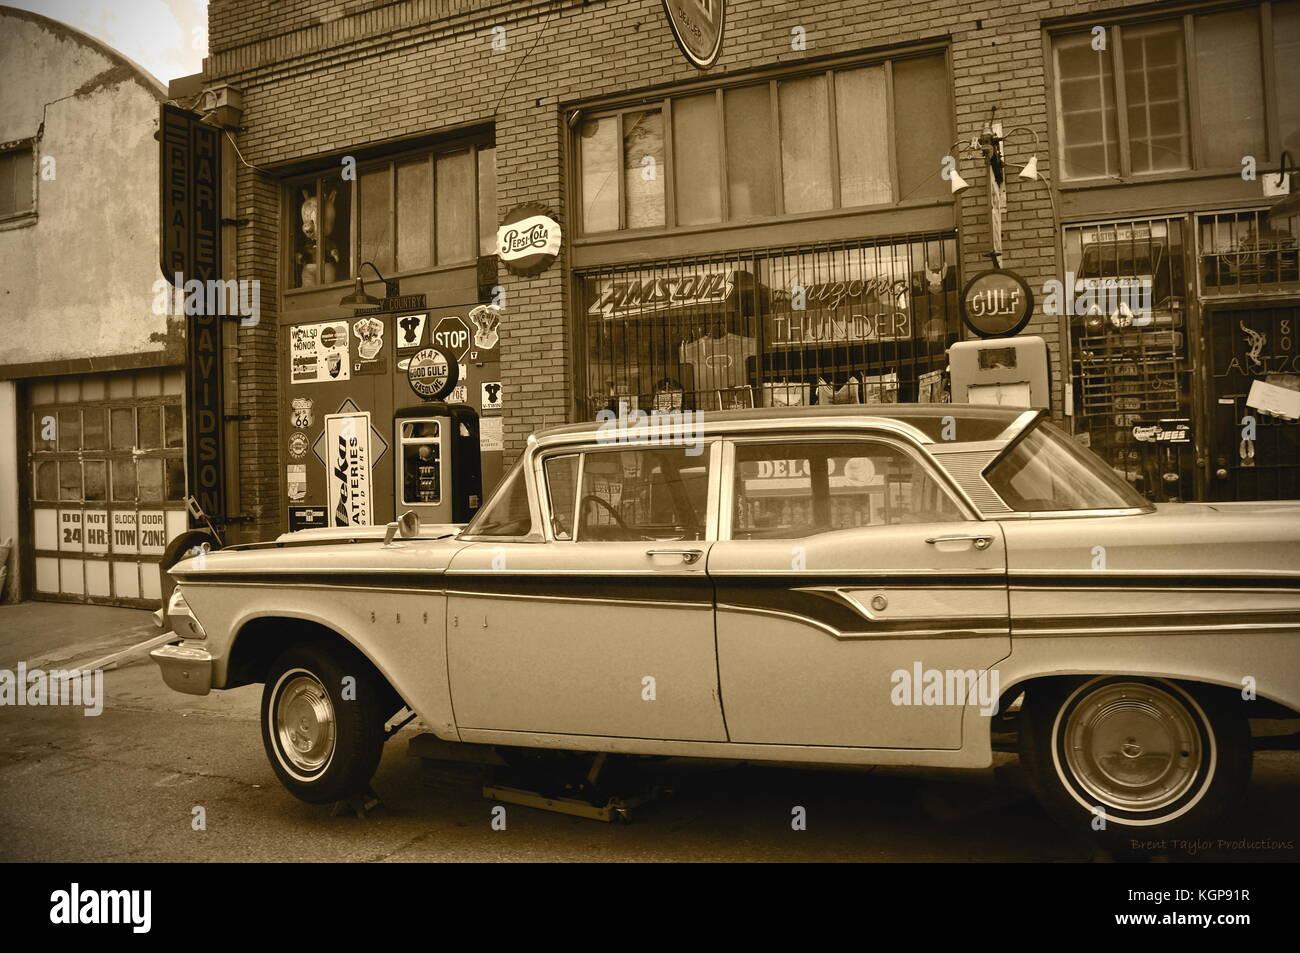 Vintage Service Station Stock Photos & Vintage Service Station Stock